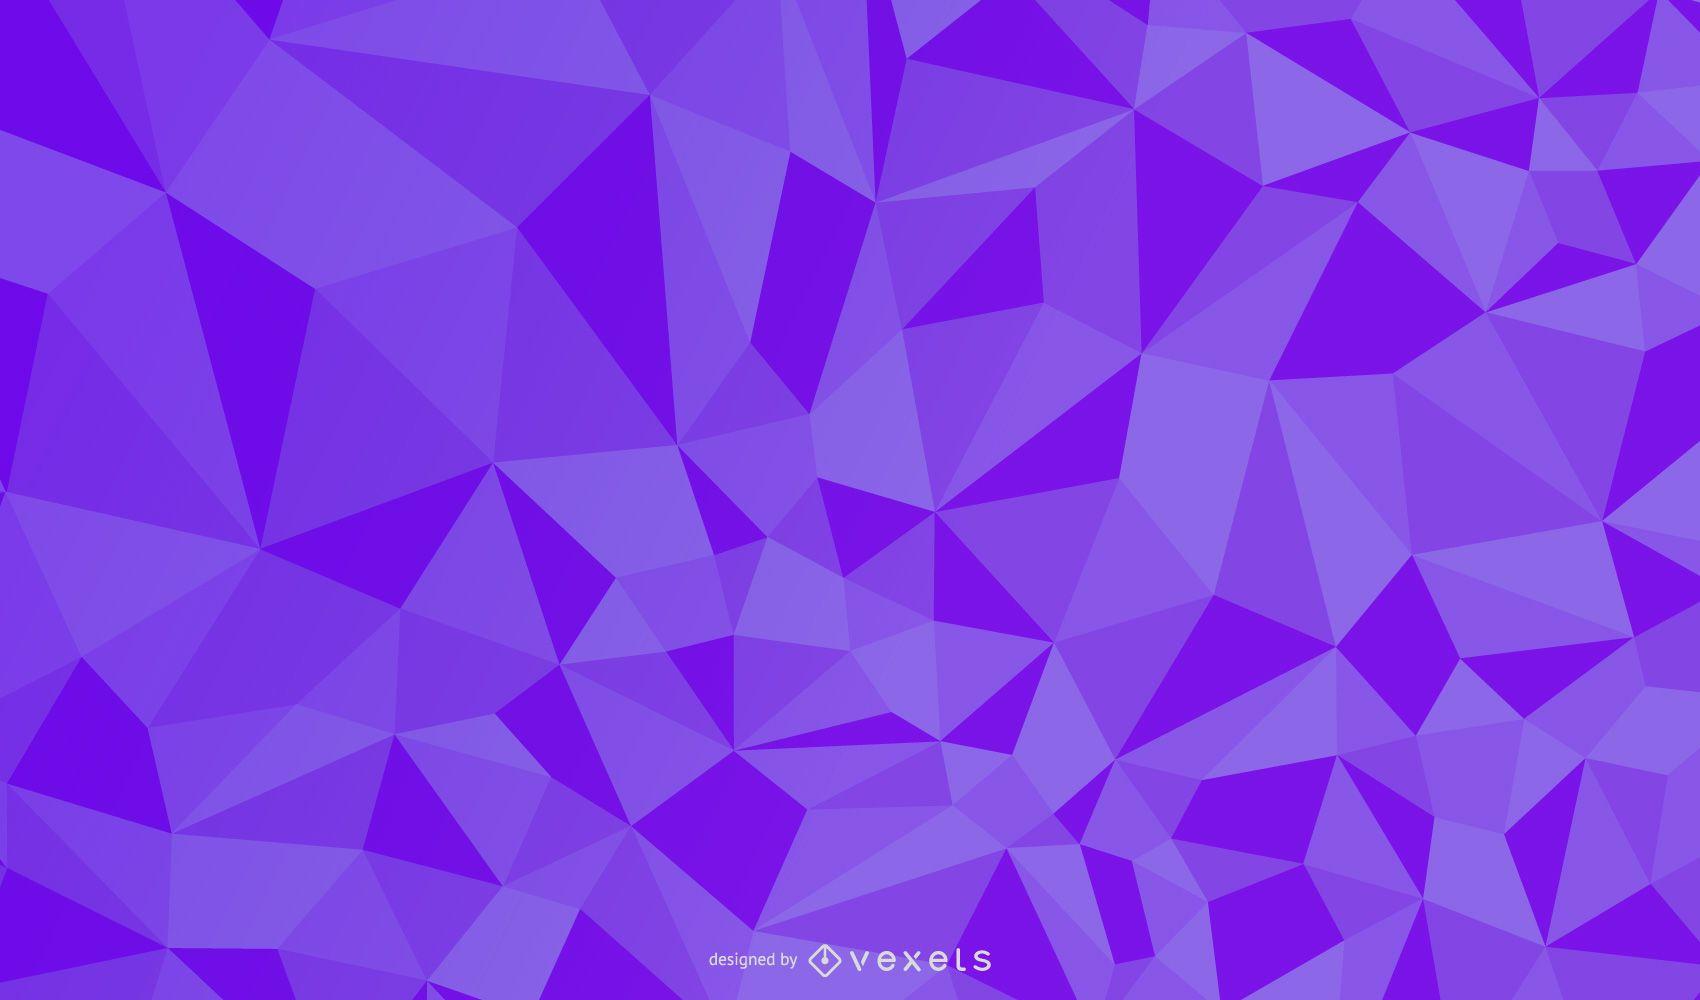 Resumen patrón cúbico en relieve sobre fondo violeta